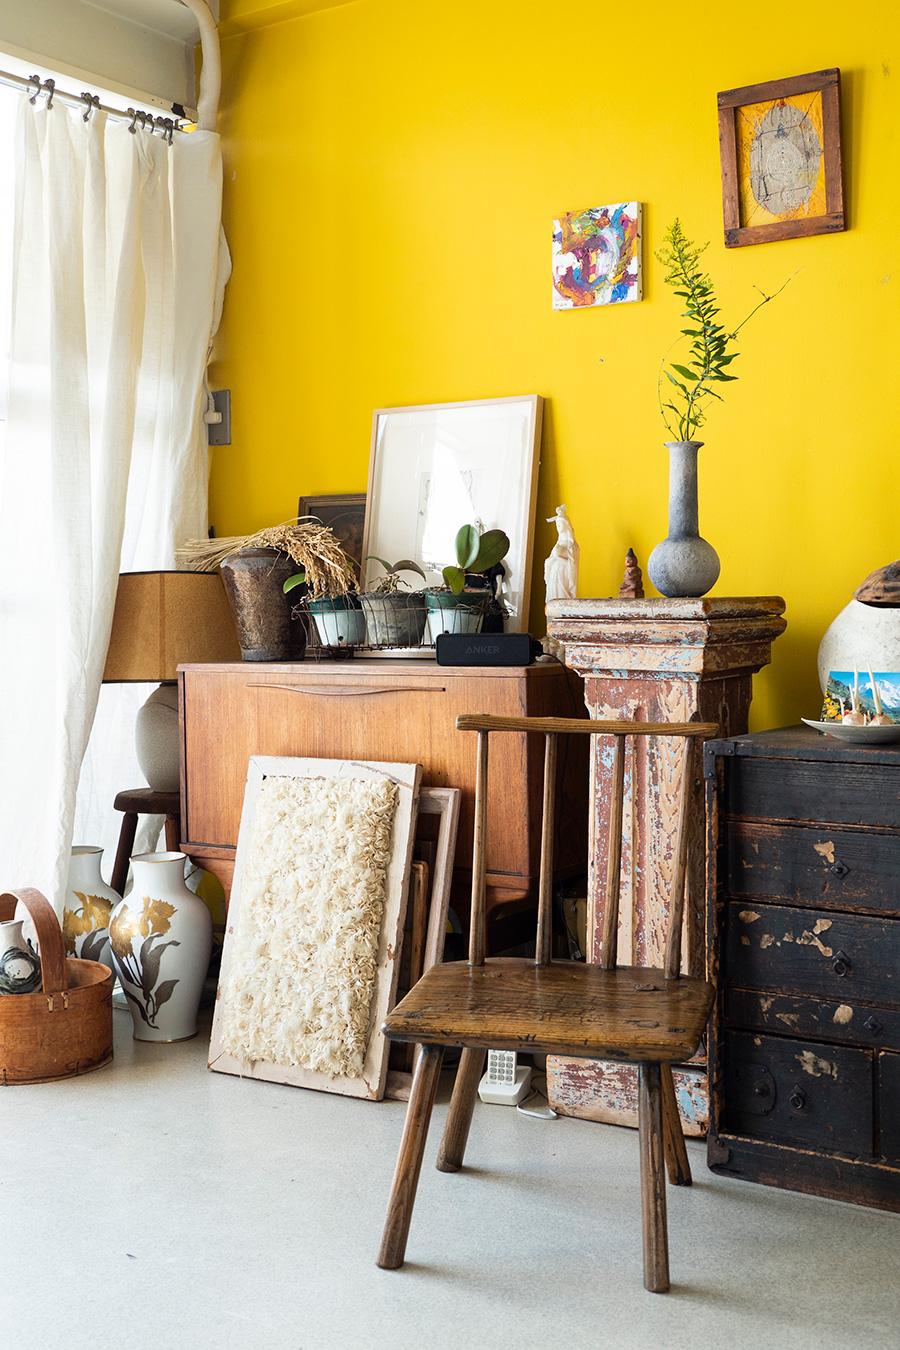 南青山の絶好のロケーションにある、築50年程のヴィンテージマンションをリノベーションした市村さんのアトリエ。アンティークの家具や雑貨など、力のあるアイテムが植物と相性よくなじむ。